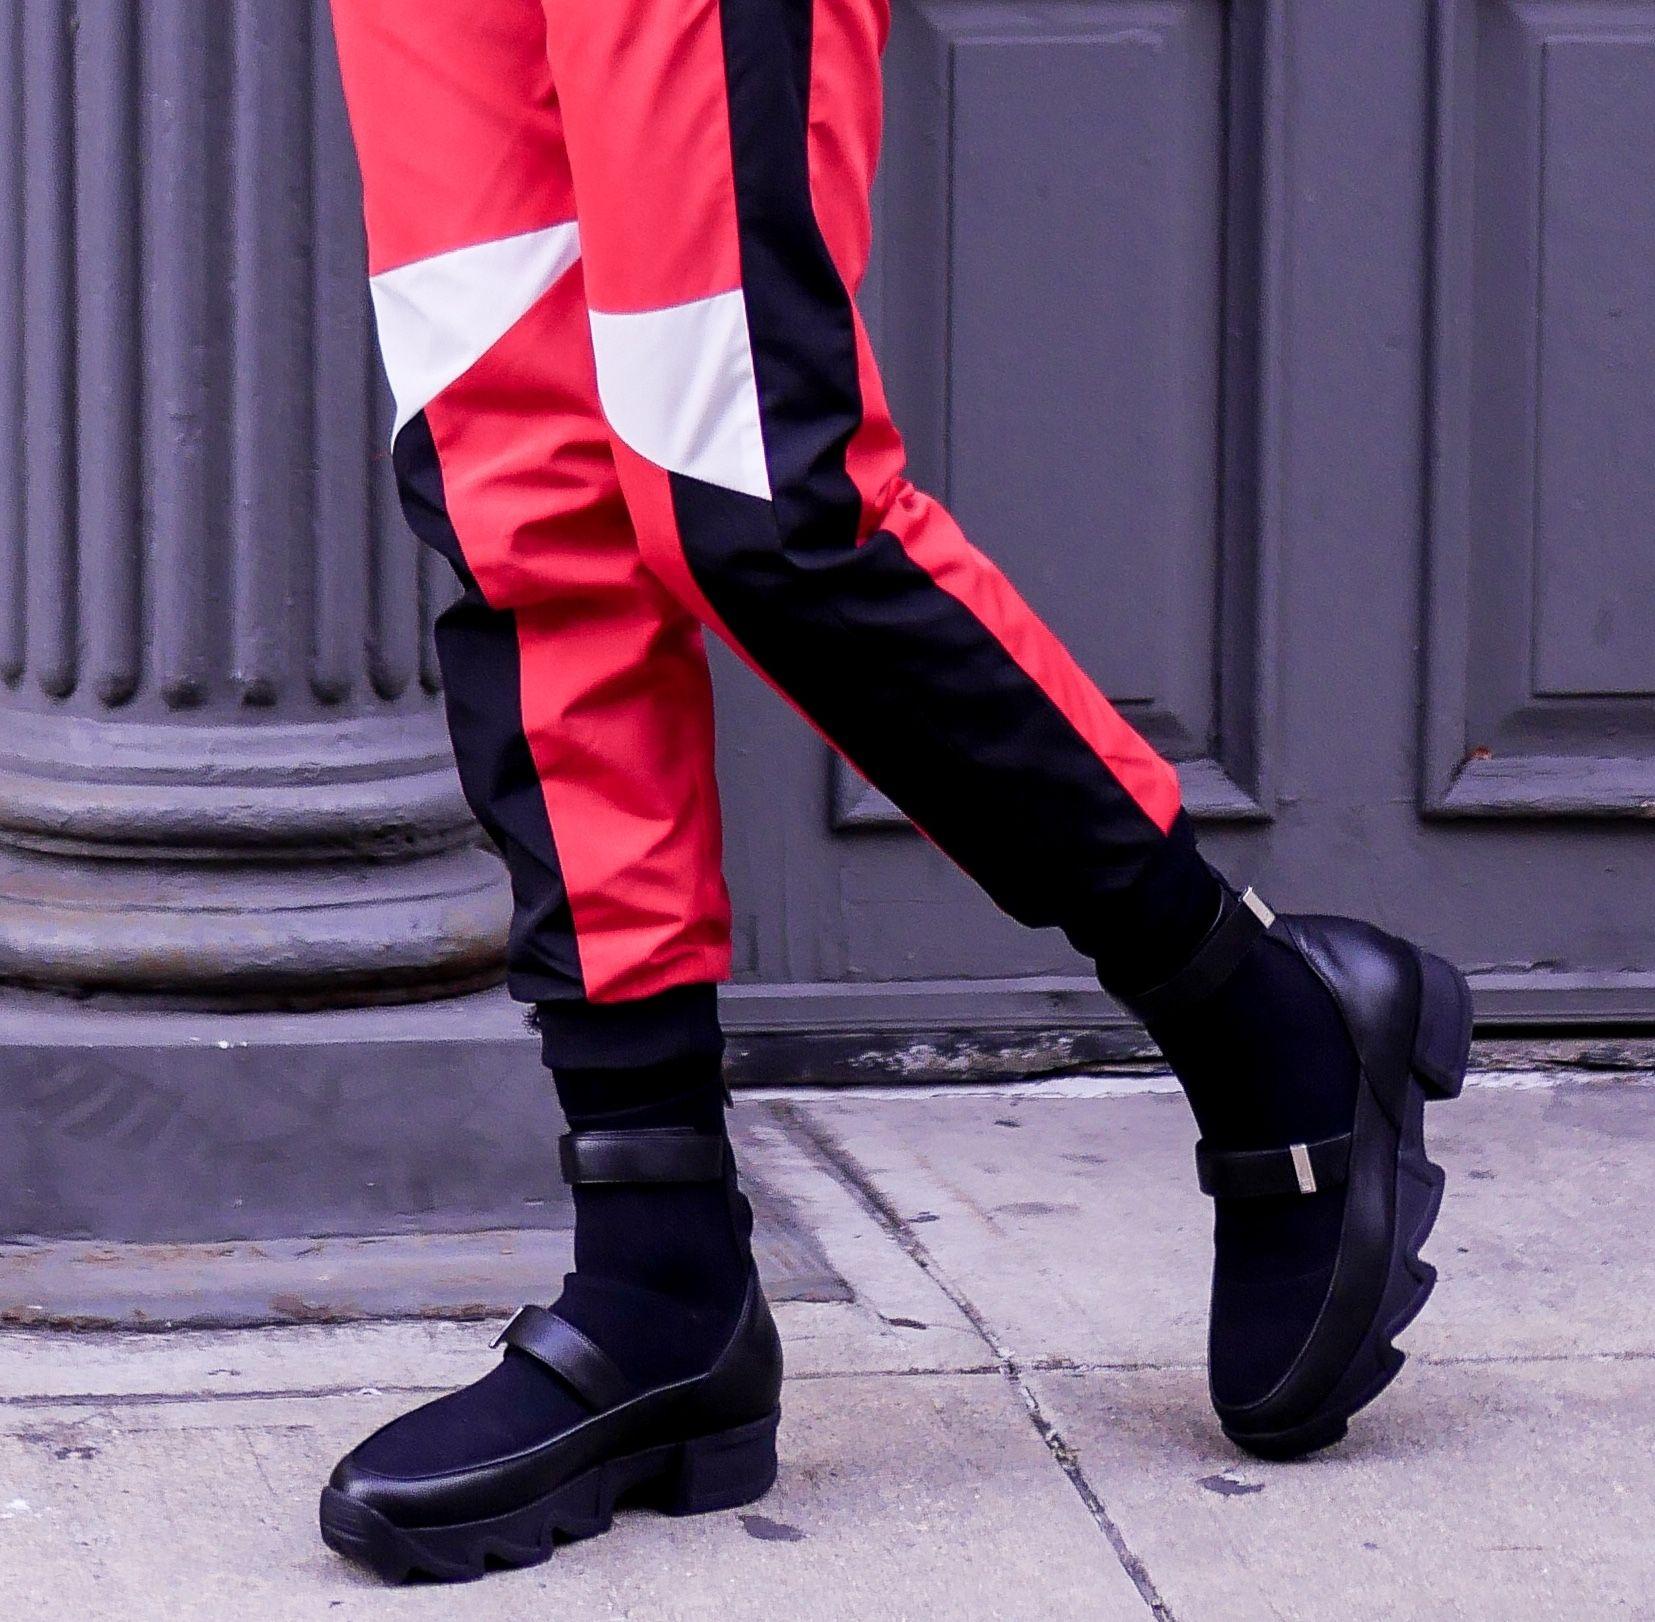 9b2f185f4f6 Black Sock Sneaker Available at www.irinyc.com 📷  OOTNMAGAZINE  iri  irinyc